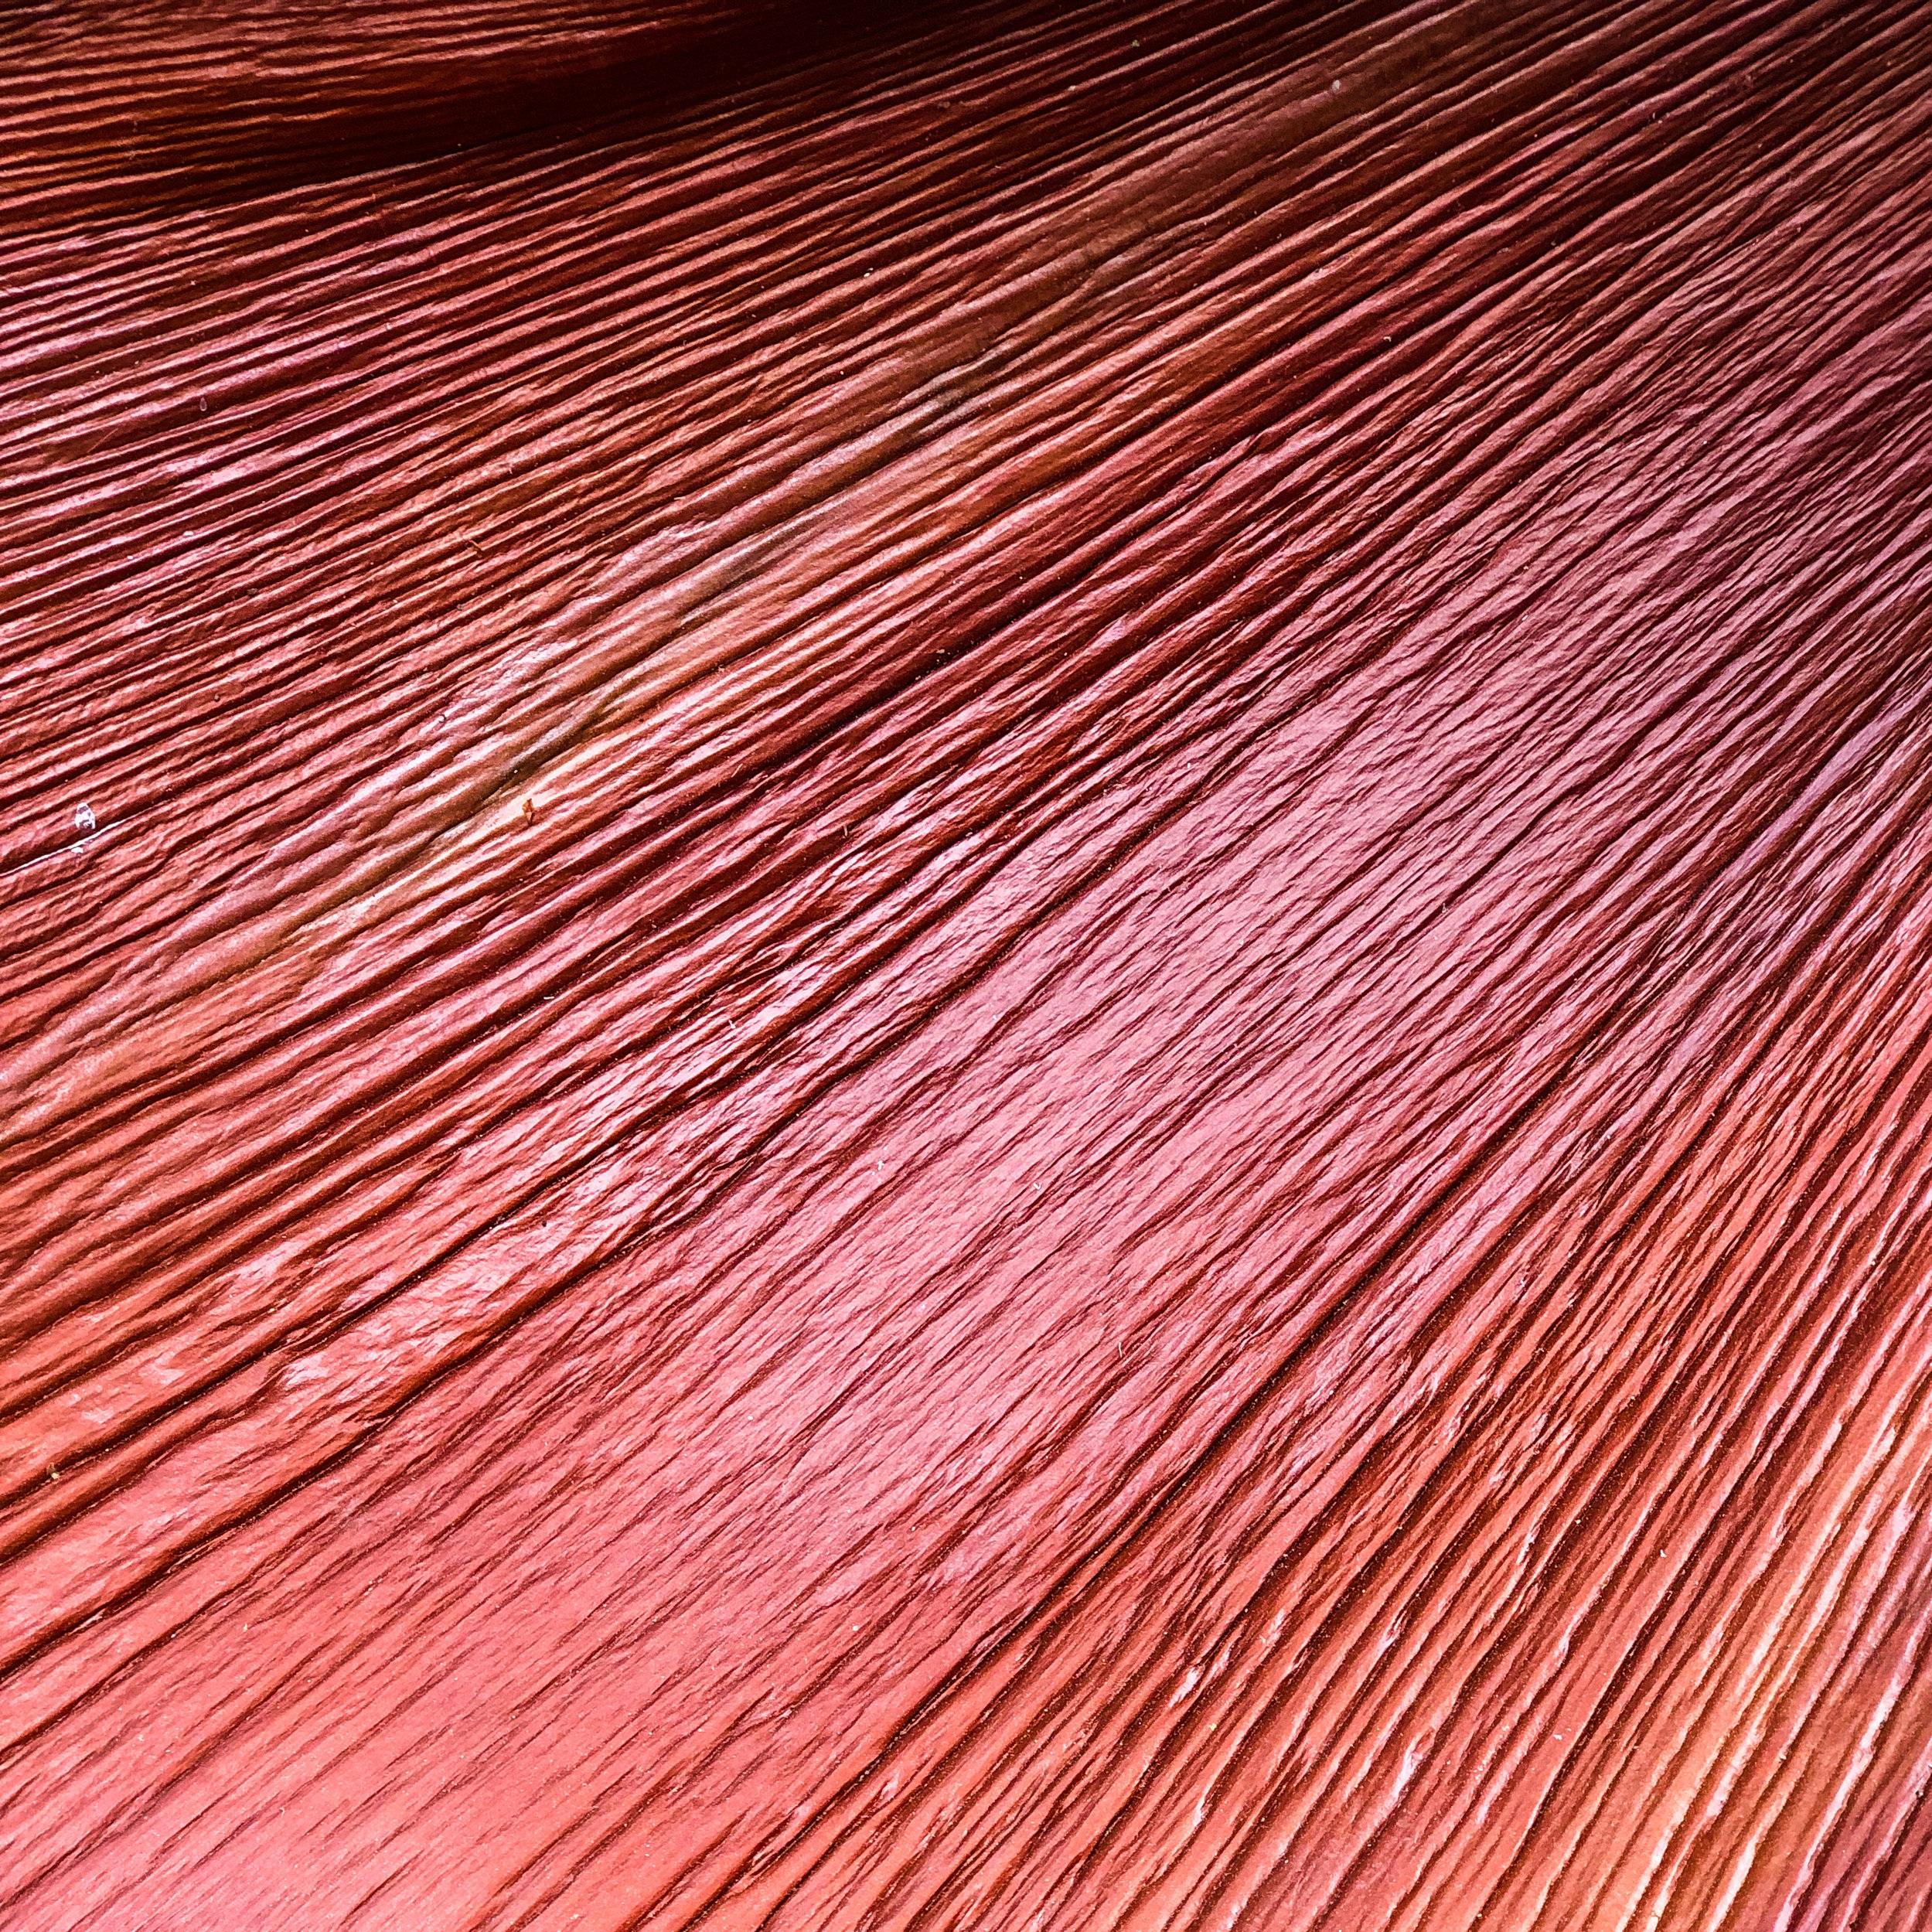 purple-heart-wood.jpg